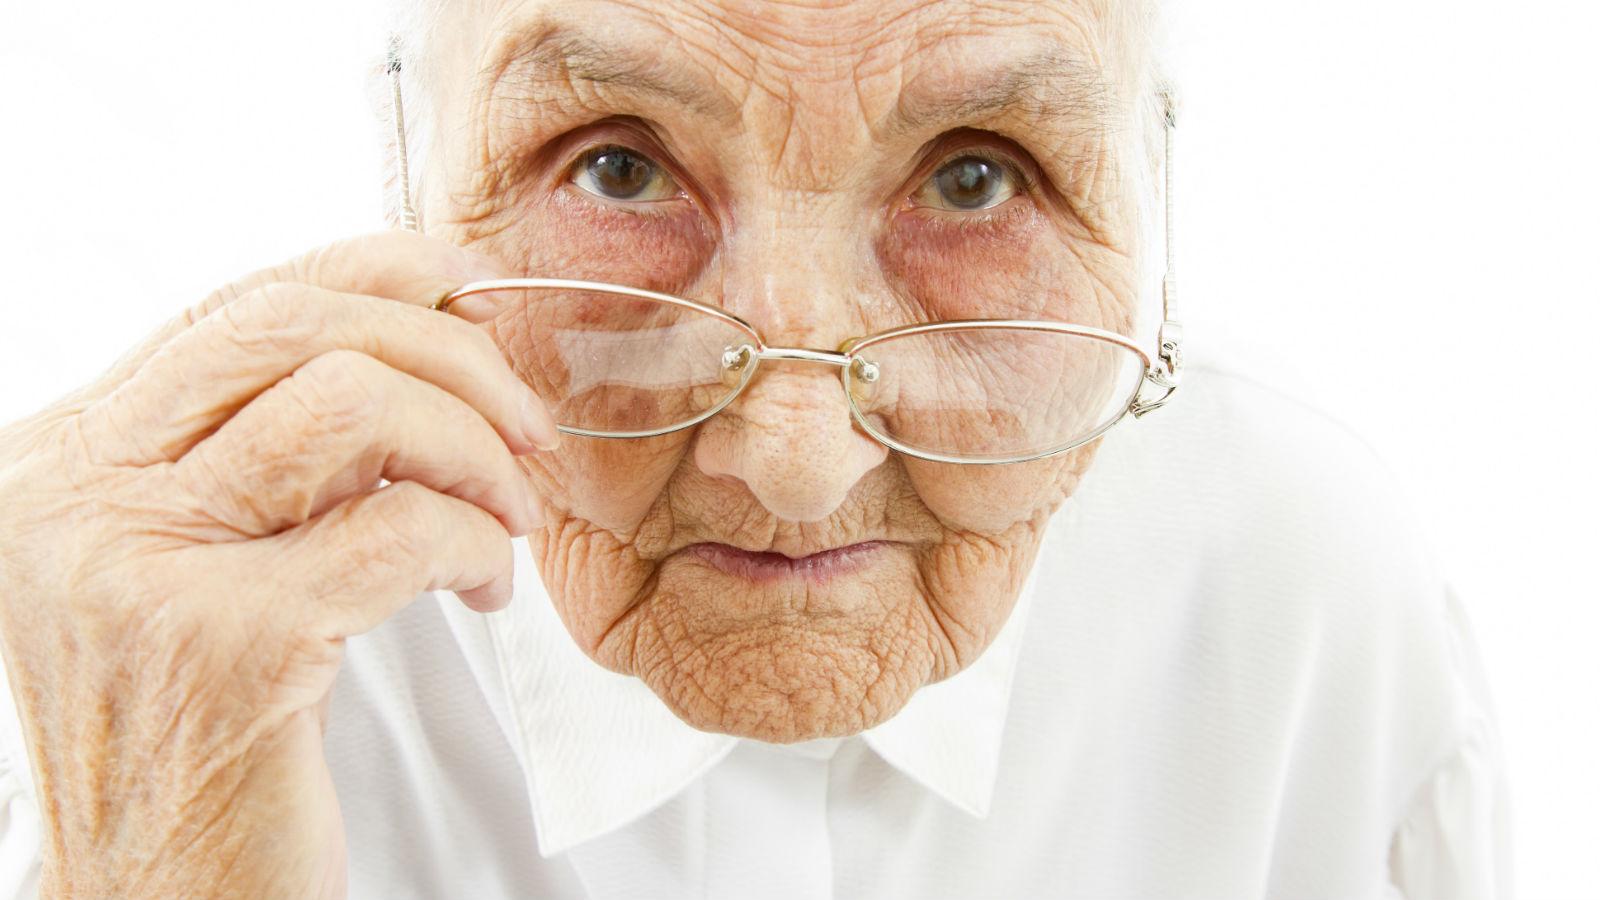 El glaucoma: 10 datos sobre este enemigo silencioso de la visión